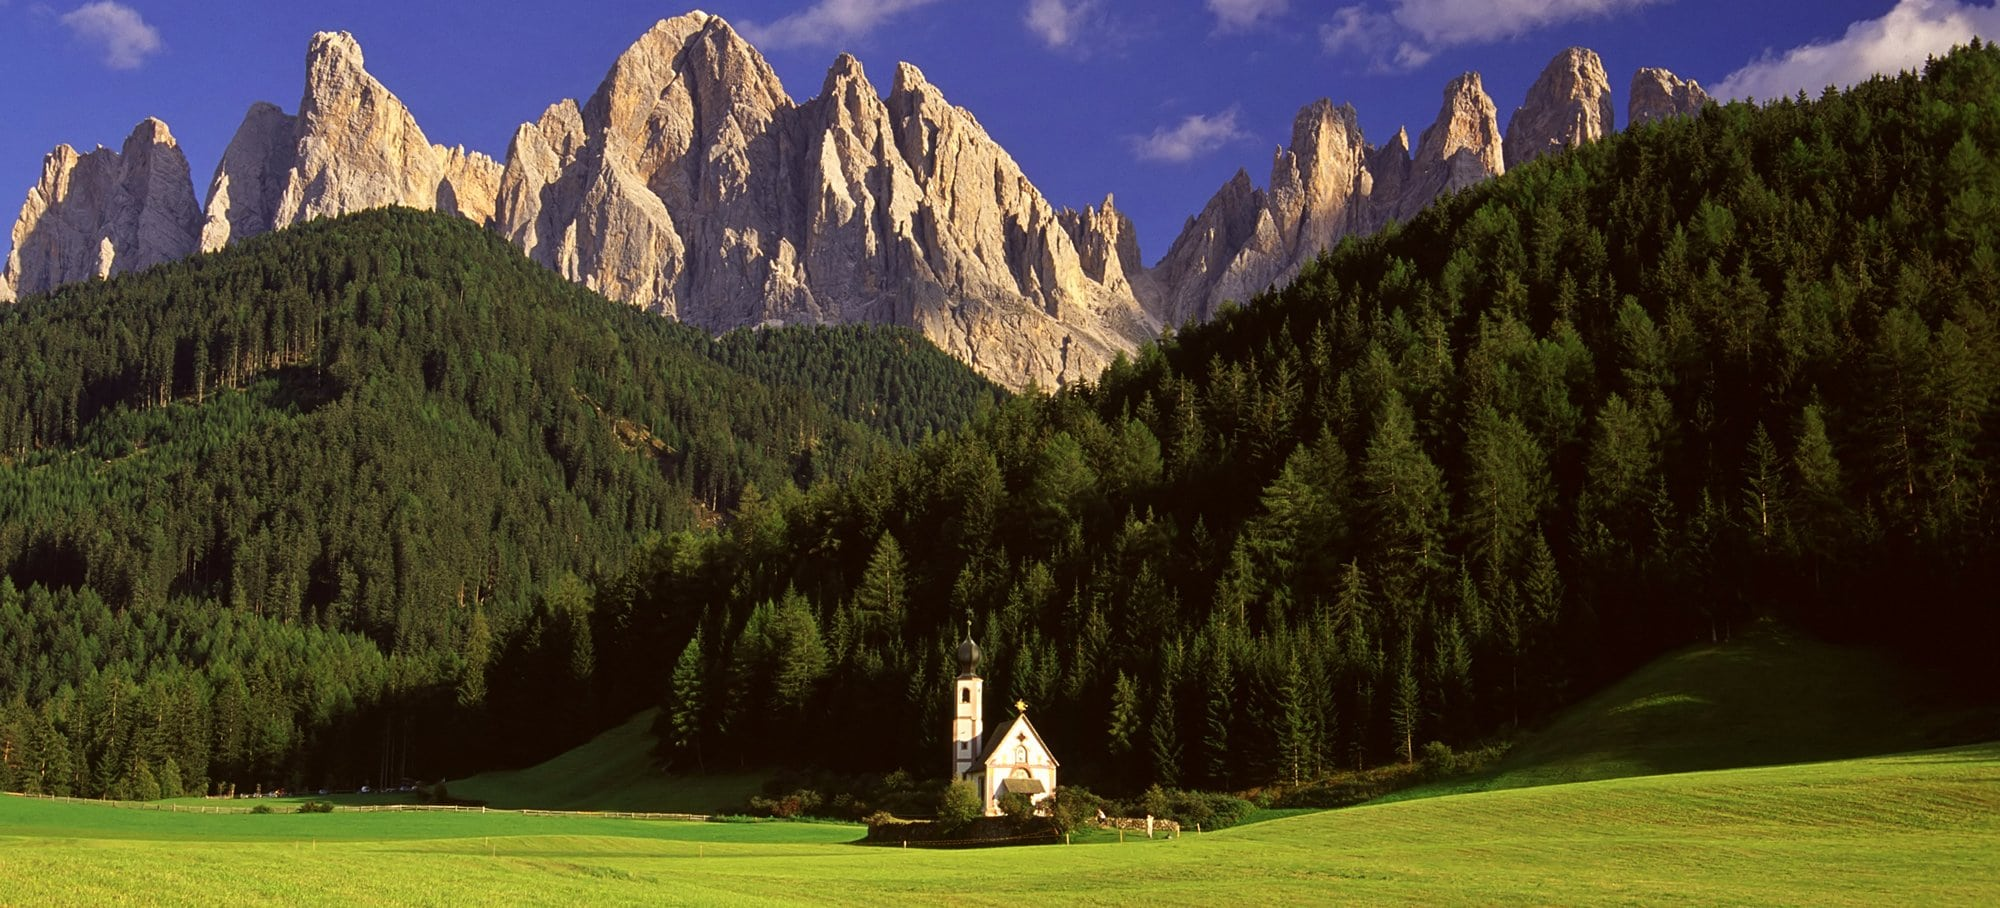 Hotel per Famiglie in Trentino Alto Adige: i migliori Family Hotel ...